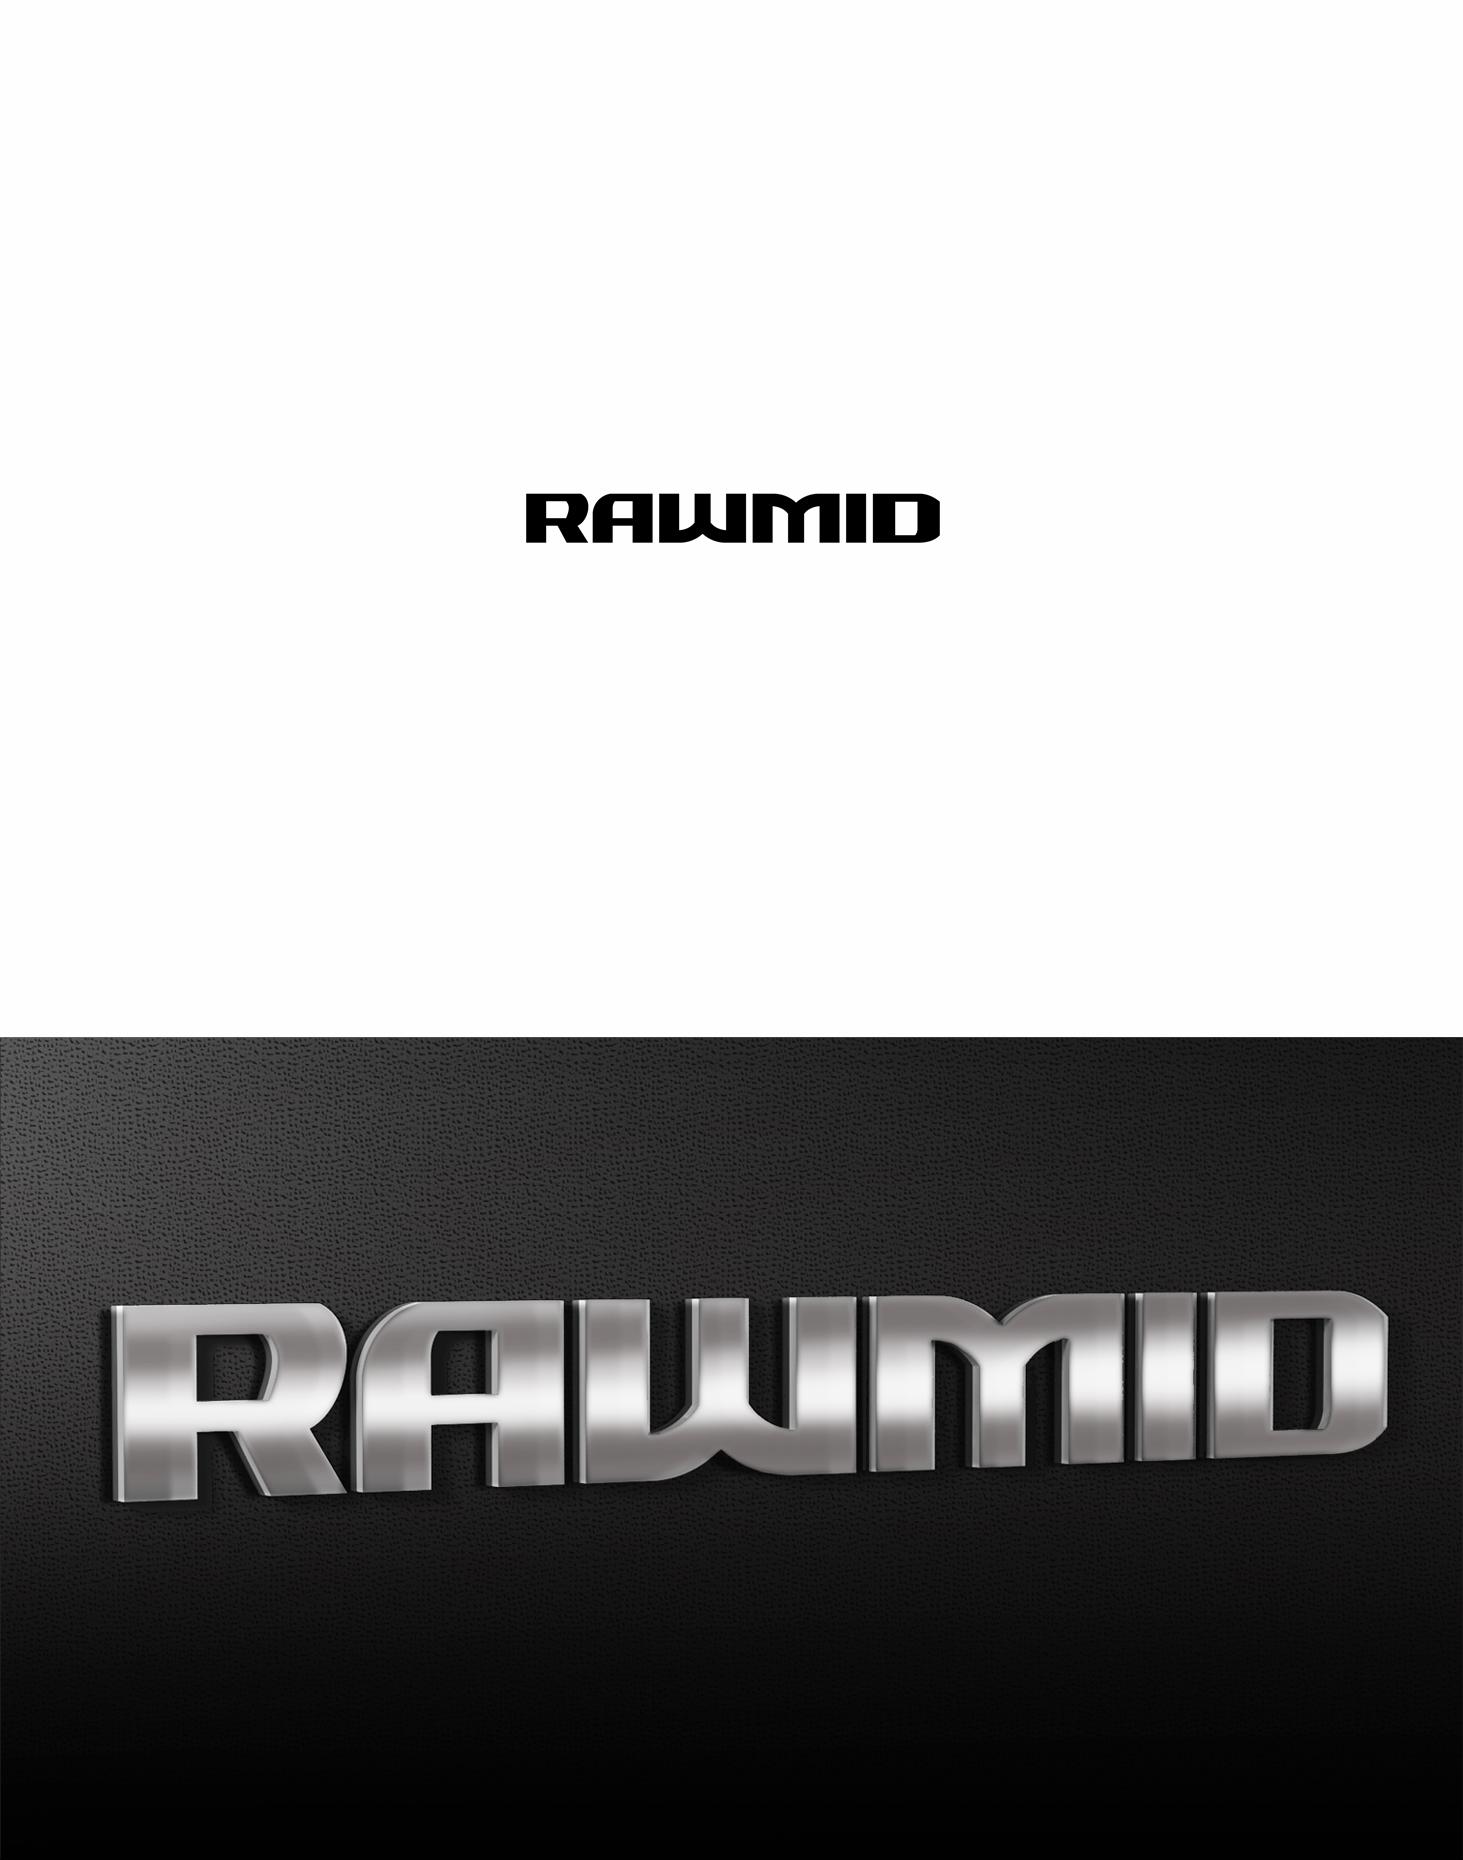 Создать логотип (буквенная часть) для бренда бытовой техники фото f_5945b360d295ac9d.jpg